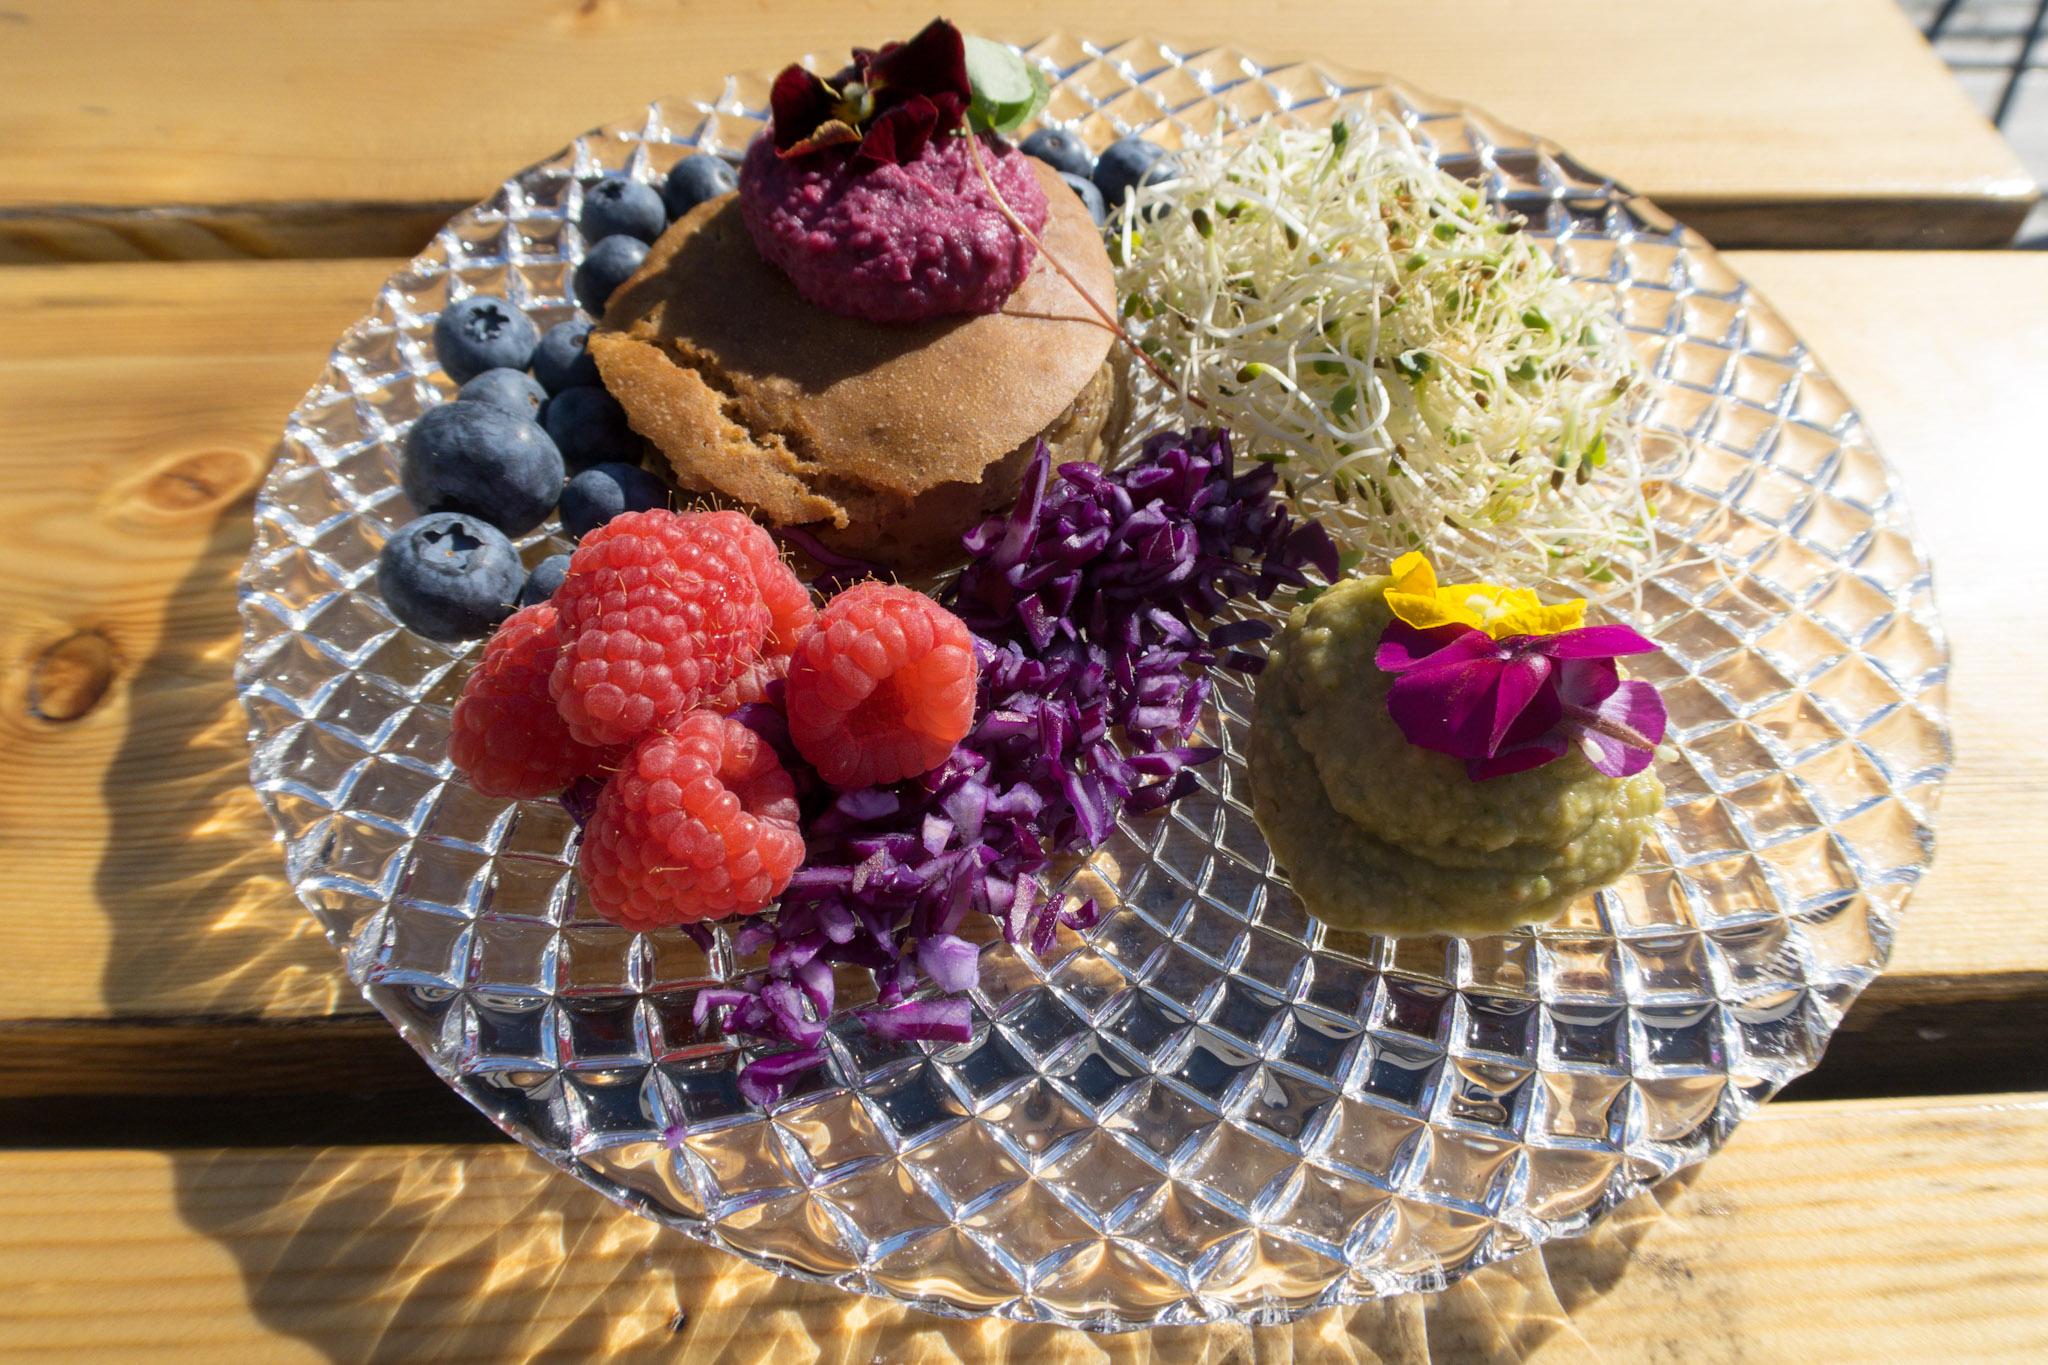 Tsekkaa kirjoitussarja! Säännöllinen ateriarytmi, suositukset ja aterioiden koostaminen